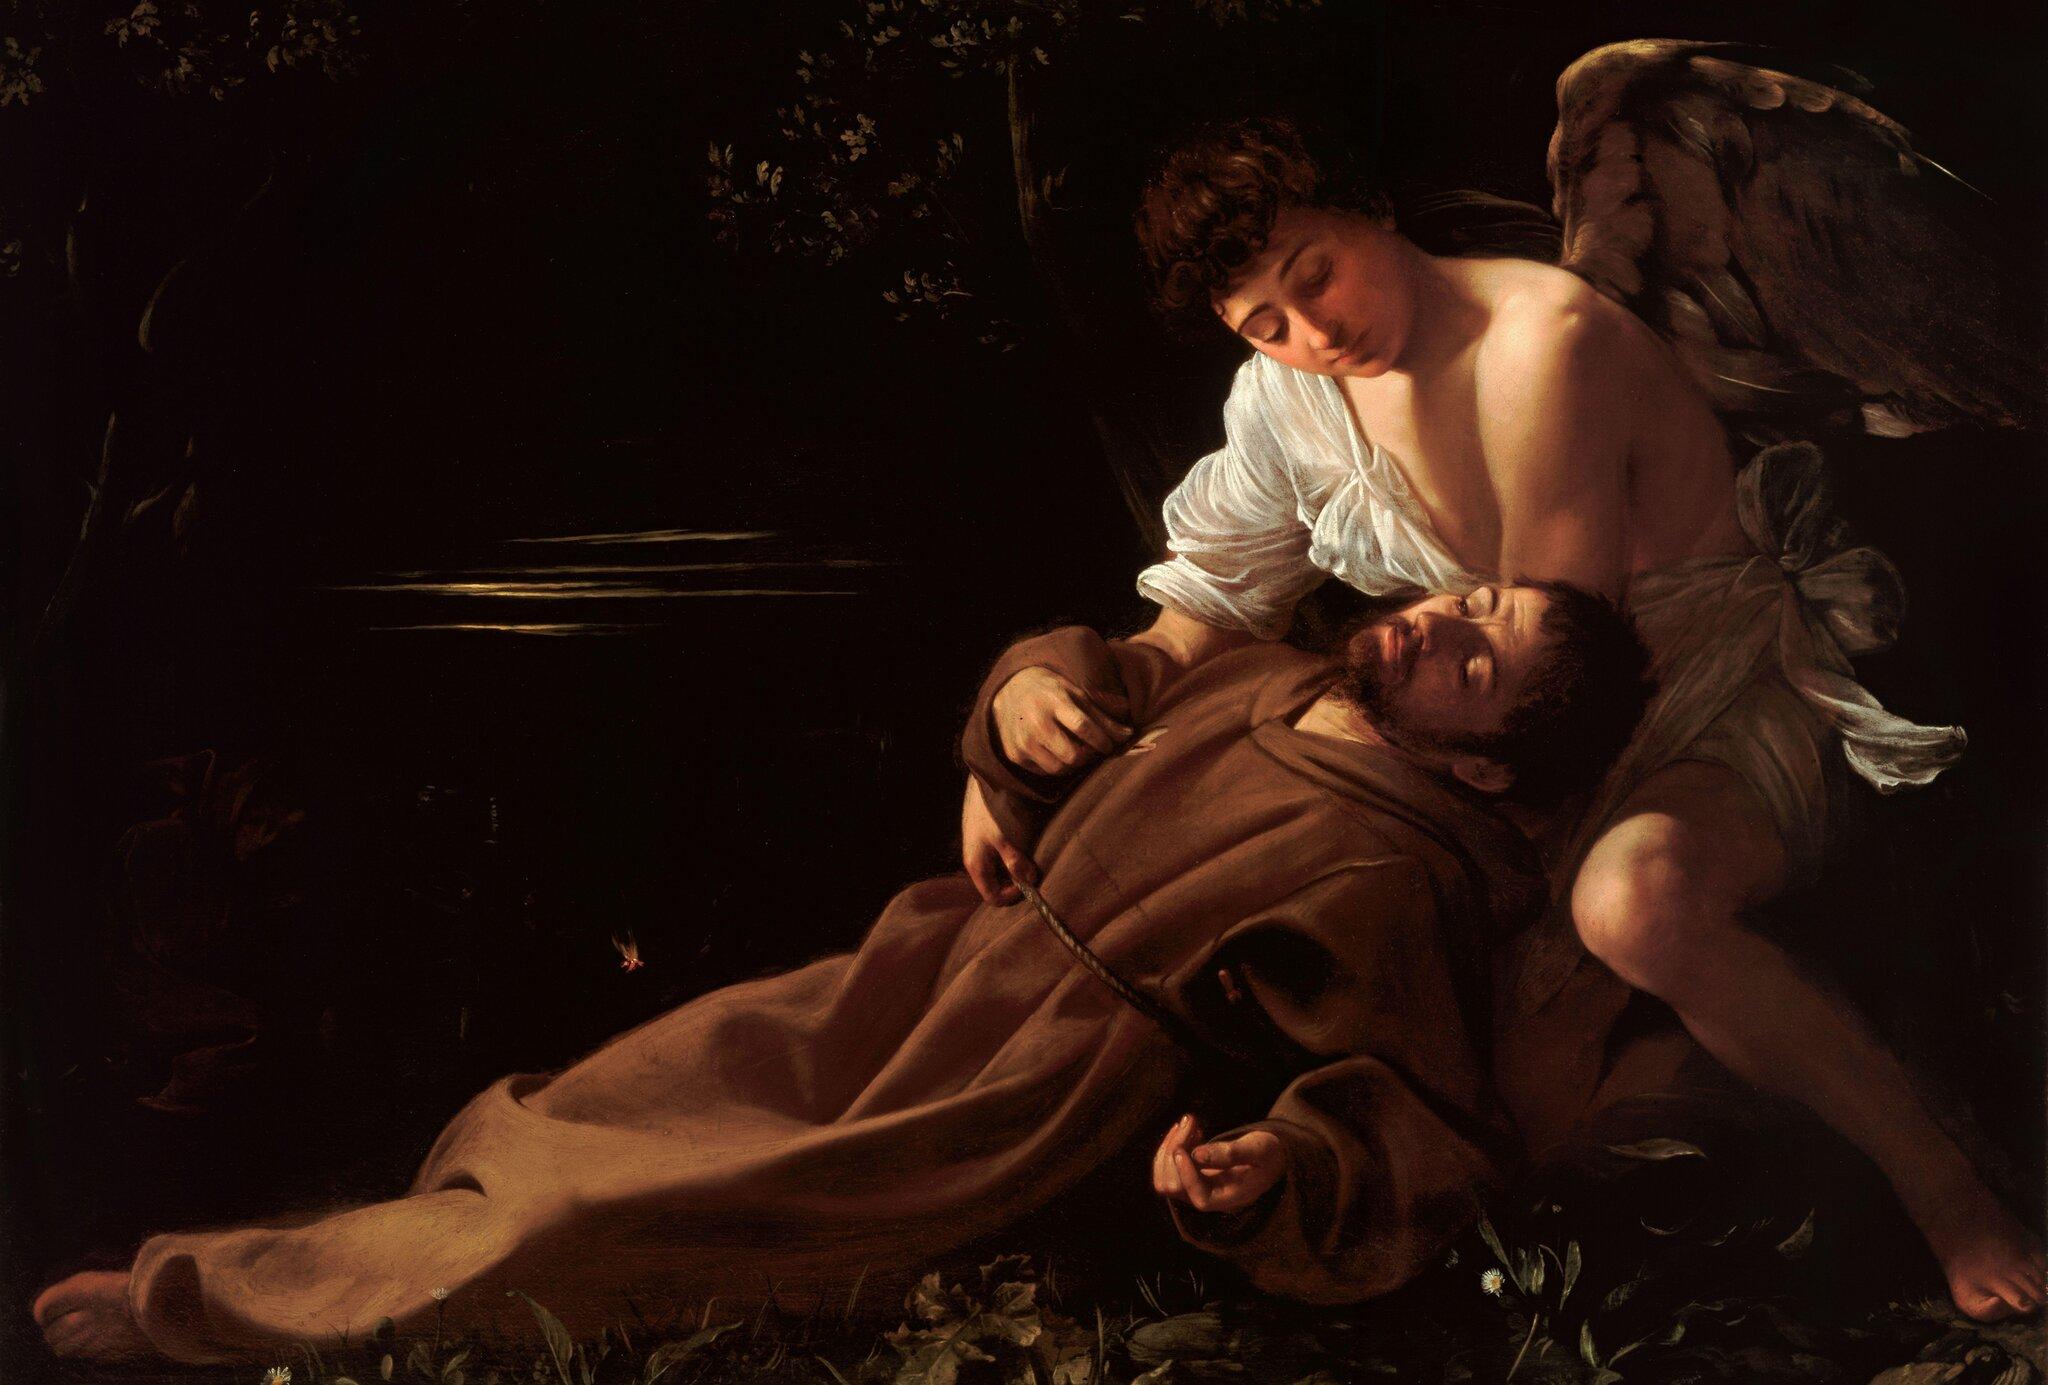 Ekstaza świętego Franciszka Źródło: Caravaggio, Ekstaza świętego Franciszka, 1594, olej na płótnie, Wadsworth Atheneum, USA, domena publiczna.